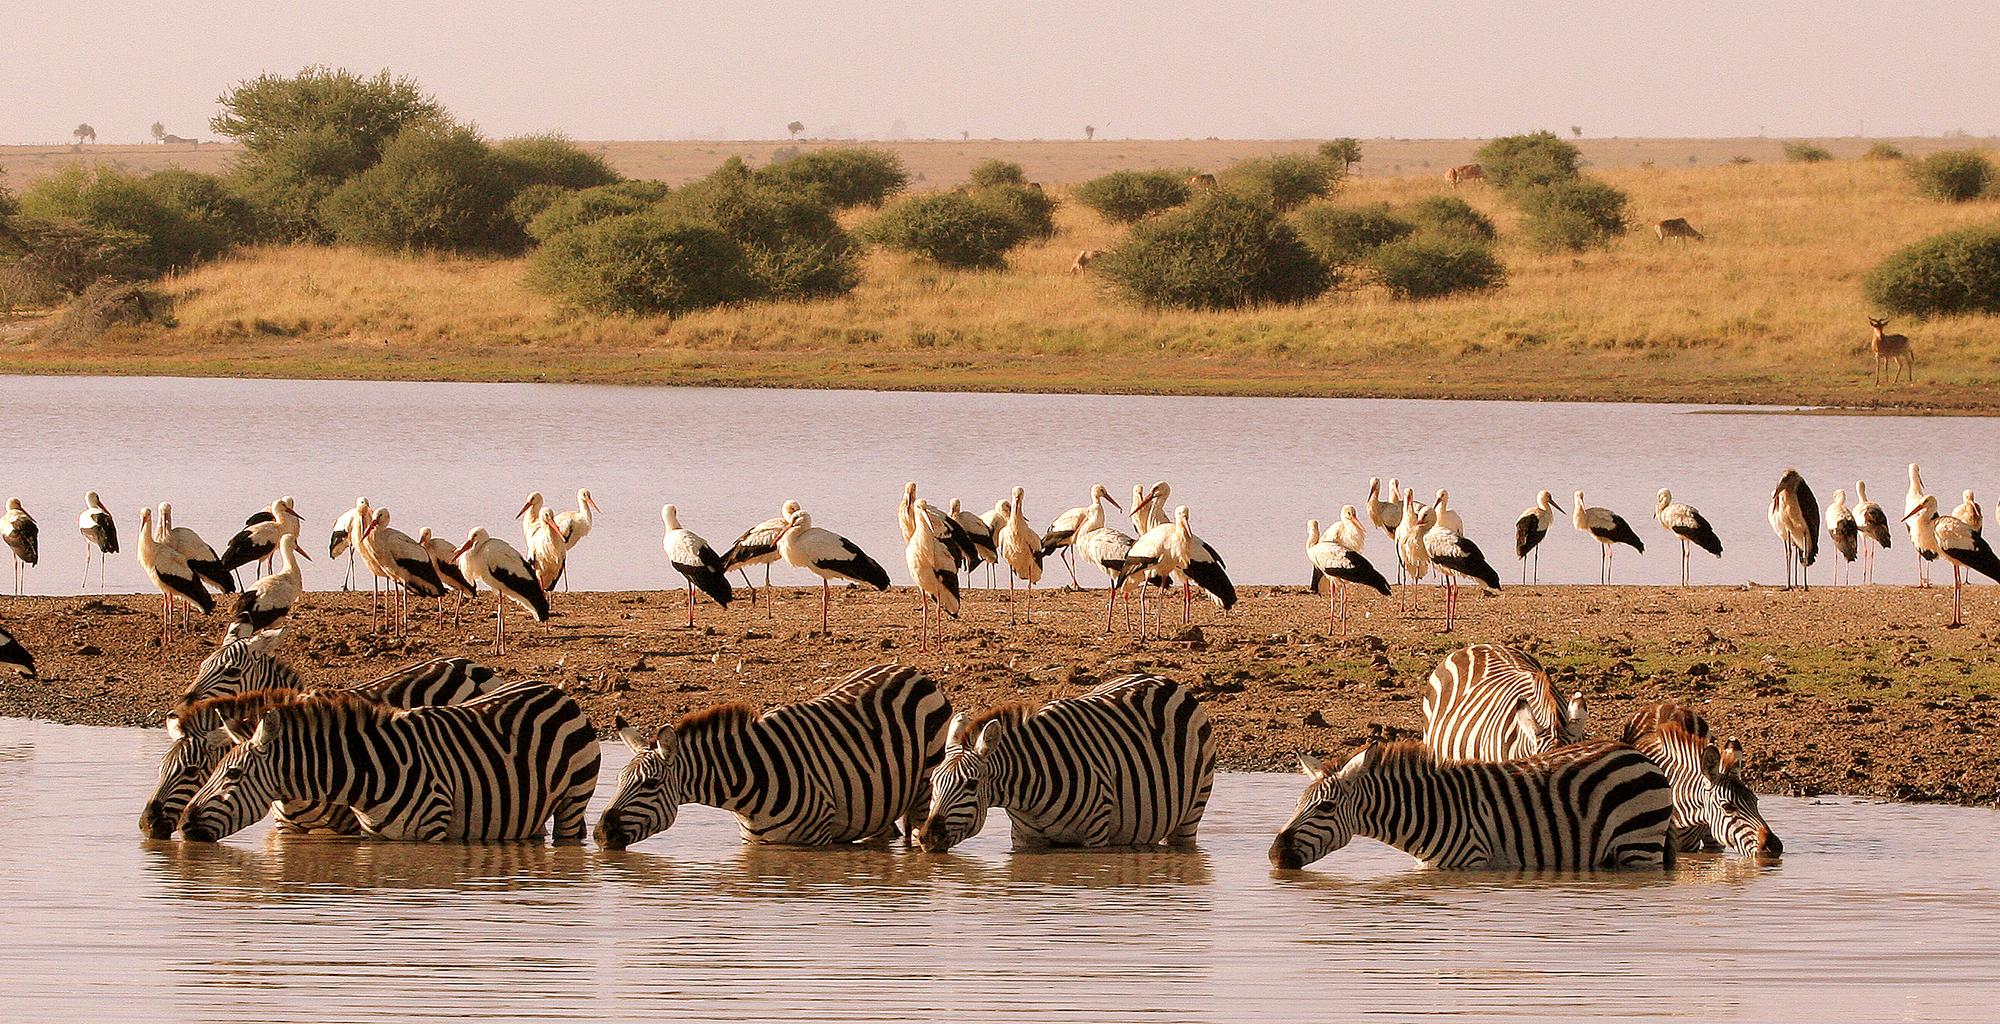 Kenya-Emakoko-Zebras-and-Birds